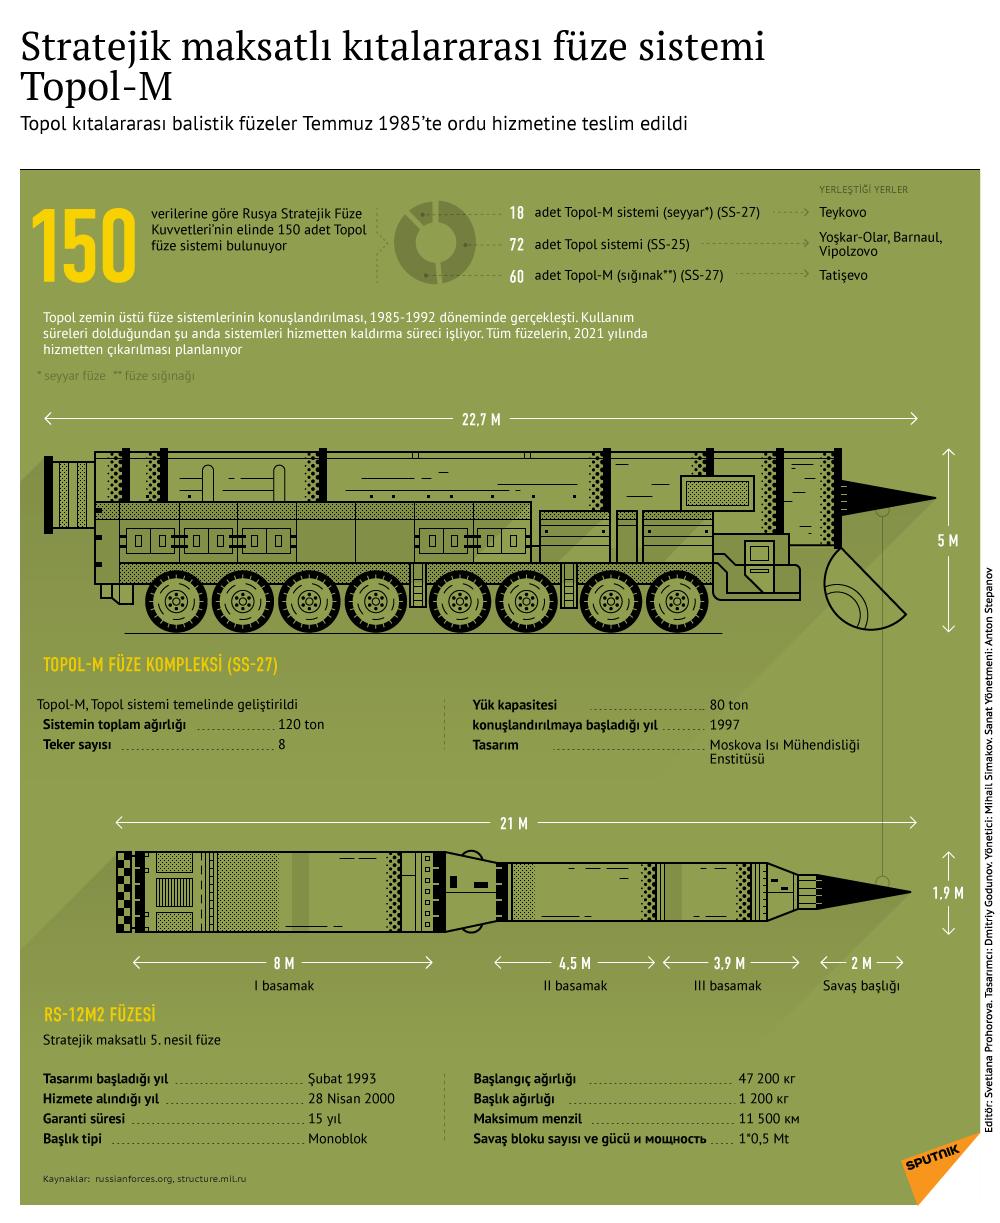 Stratejik maksatlı kıtalararası füze sistemi Topol-M